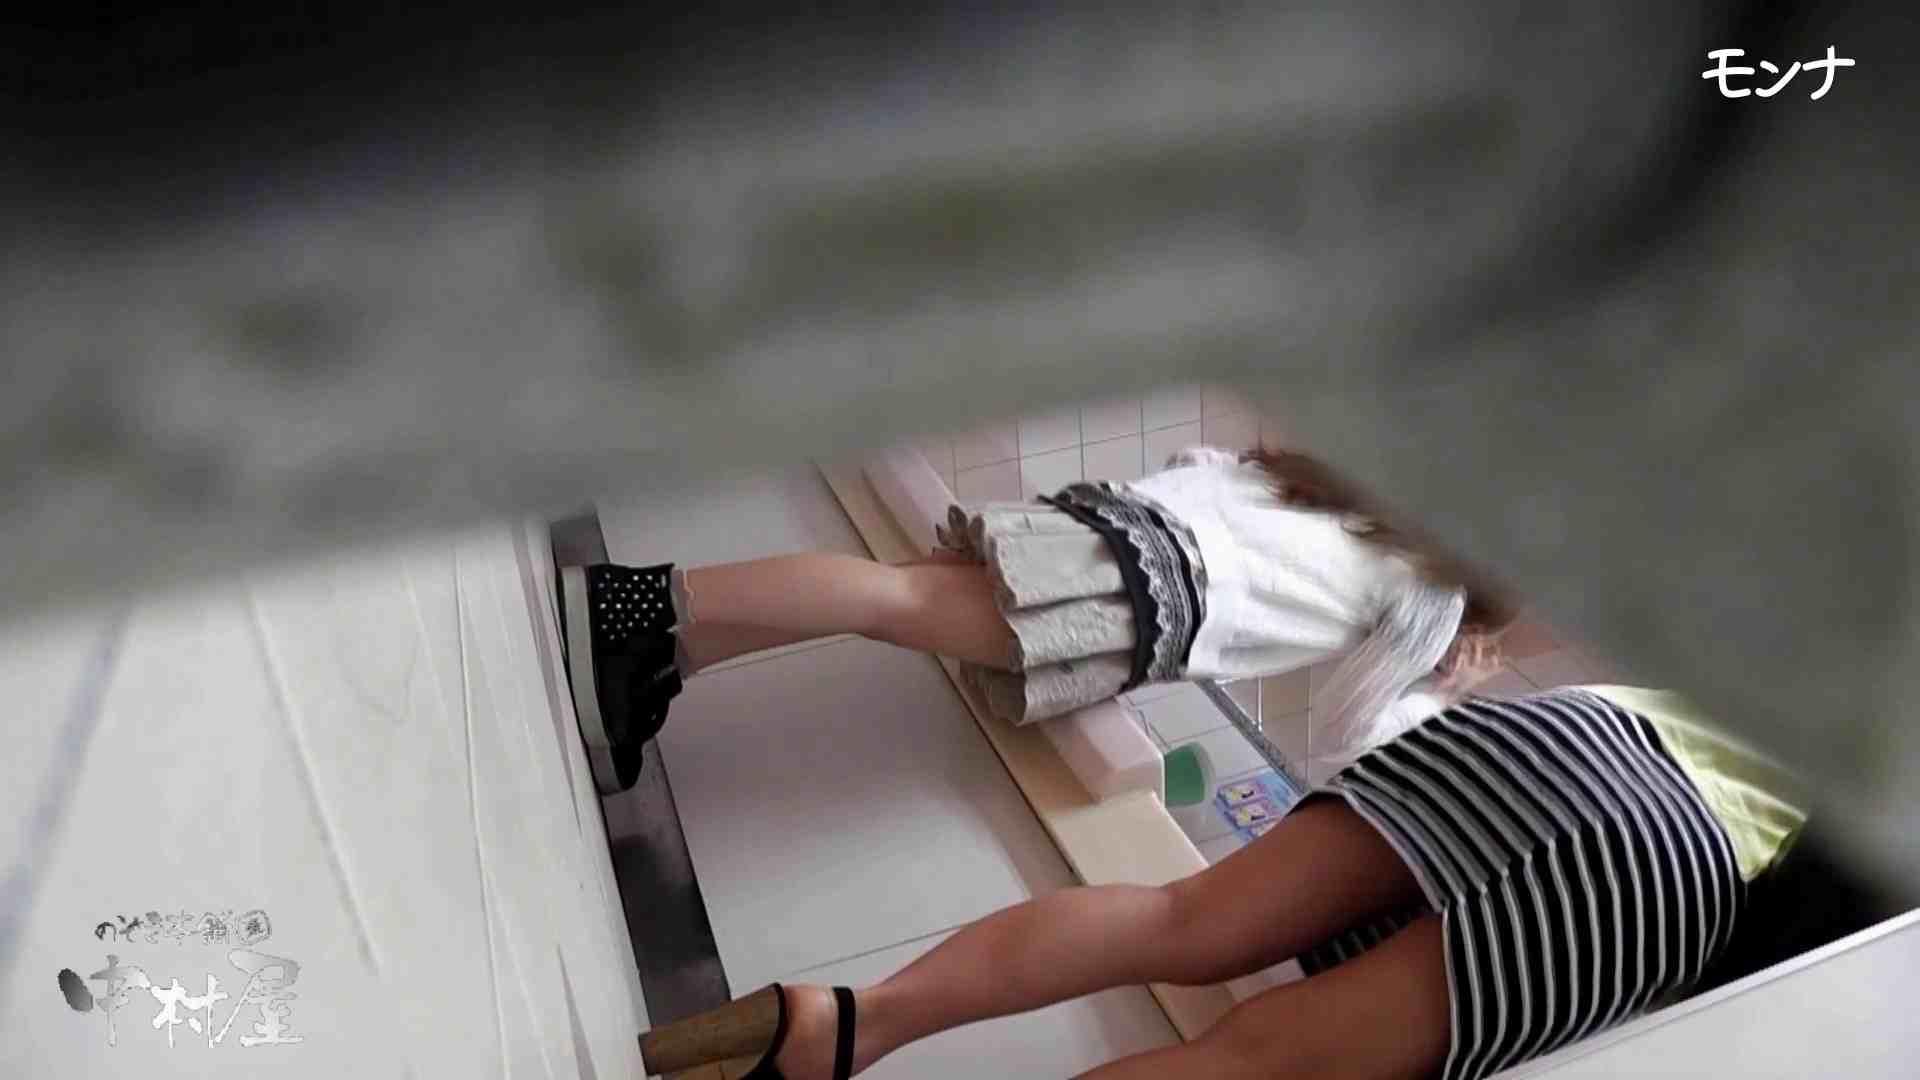 【美しい日本の未来】美しい日本の未来 No.69 ひやっと!終始15cmのしらすを垂らしながら・・・ 女子トイレ エロ画像 85枚